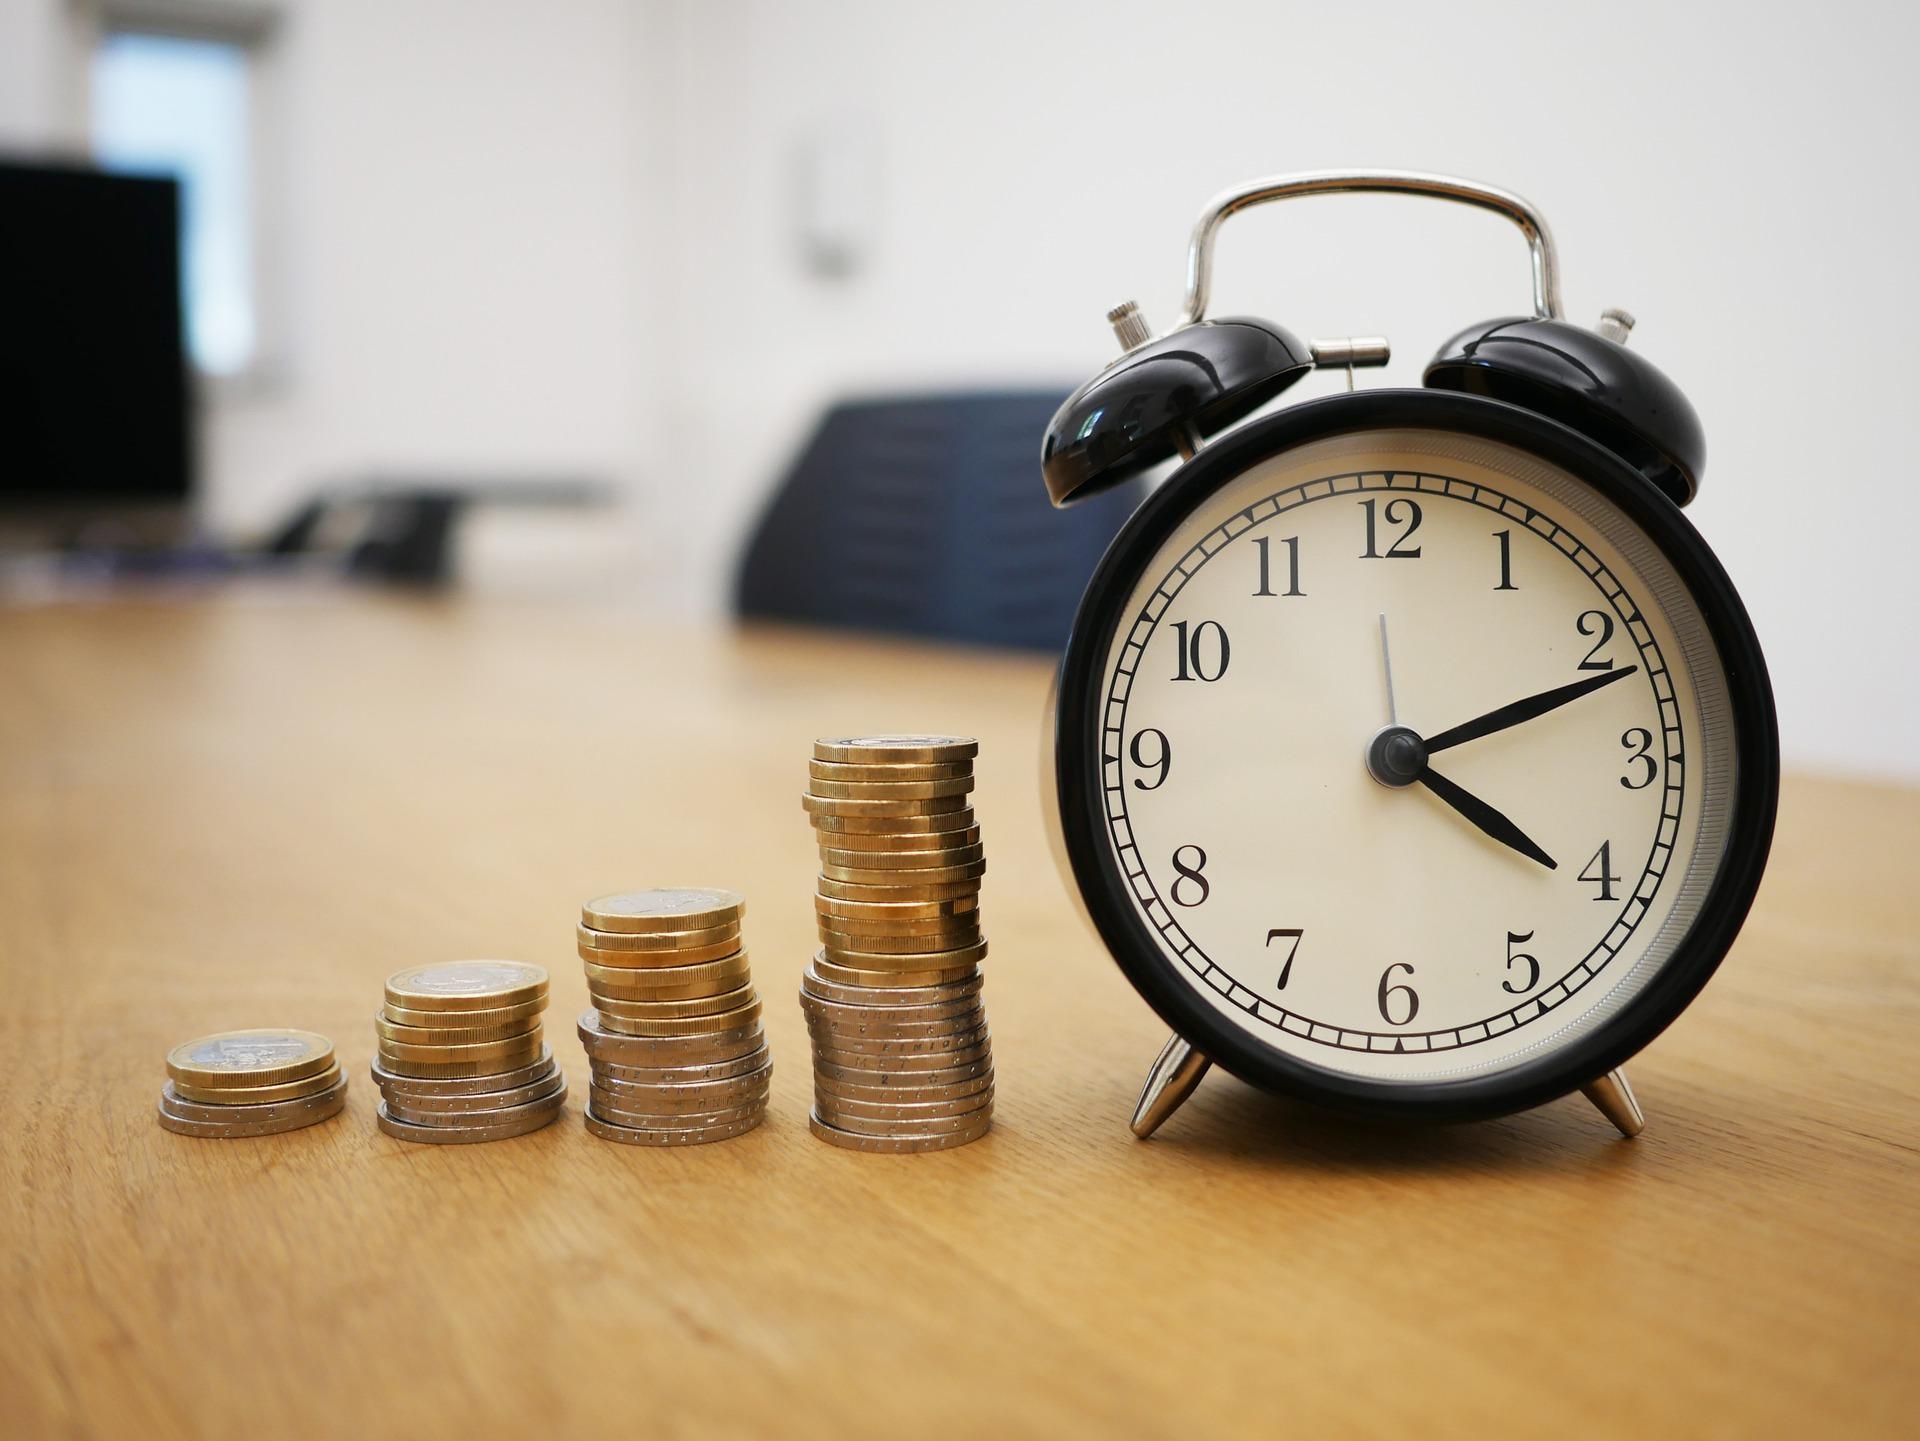 Comment Obtenir Rapidement un Crédit en 24 Heures de Younited Credit - En Savoir Plus